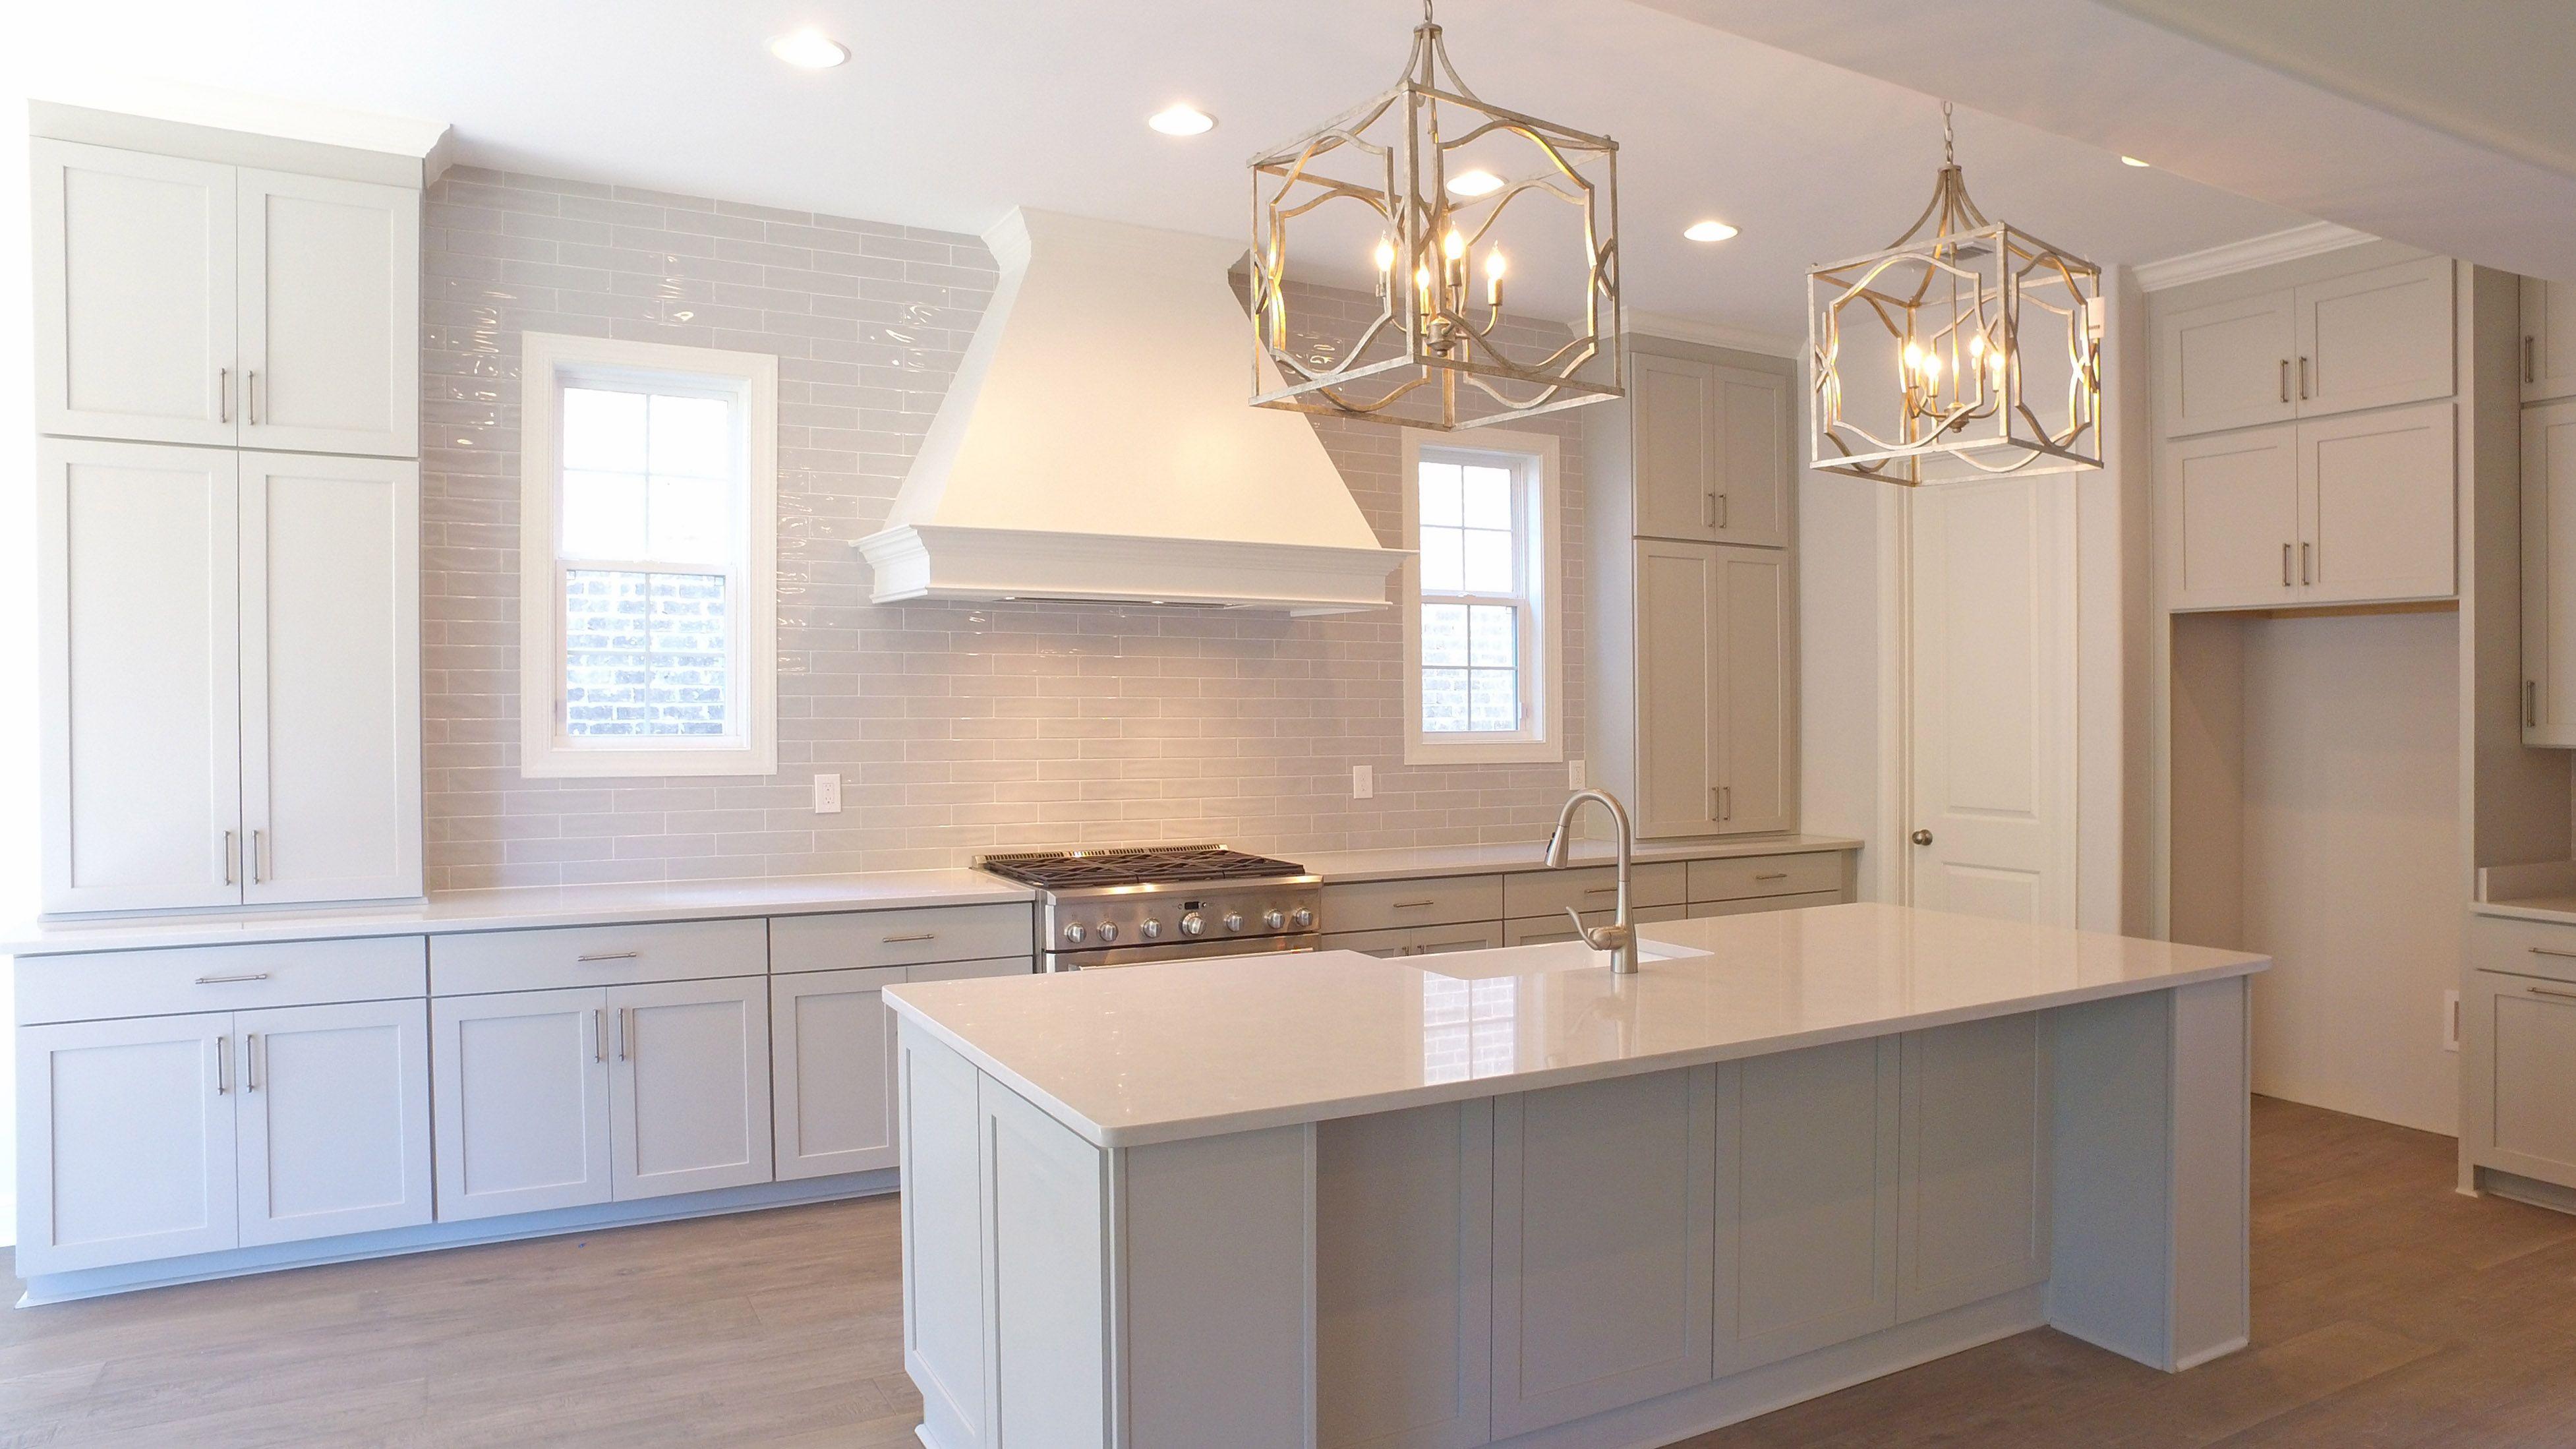 Kitchen featured in the Aspen By Regency Homebuilders in Memphis, TN